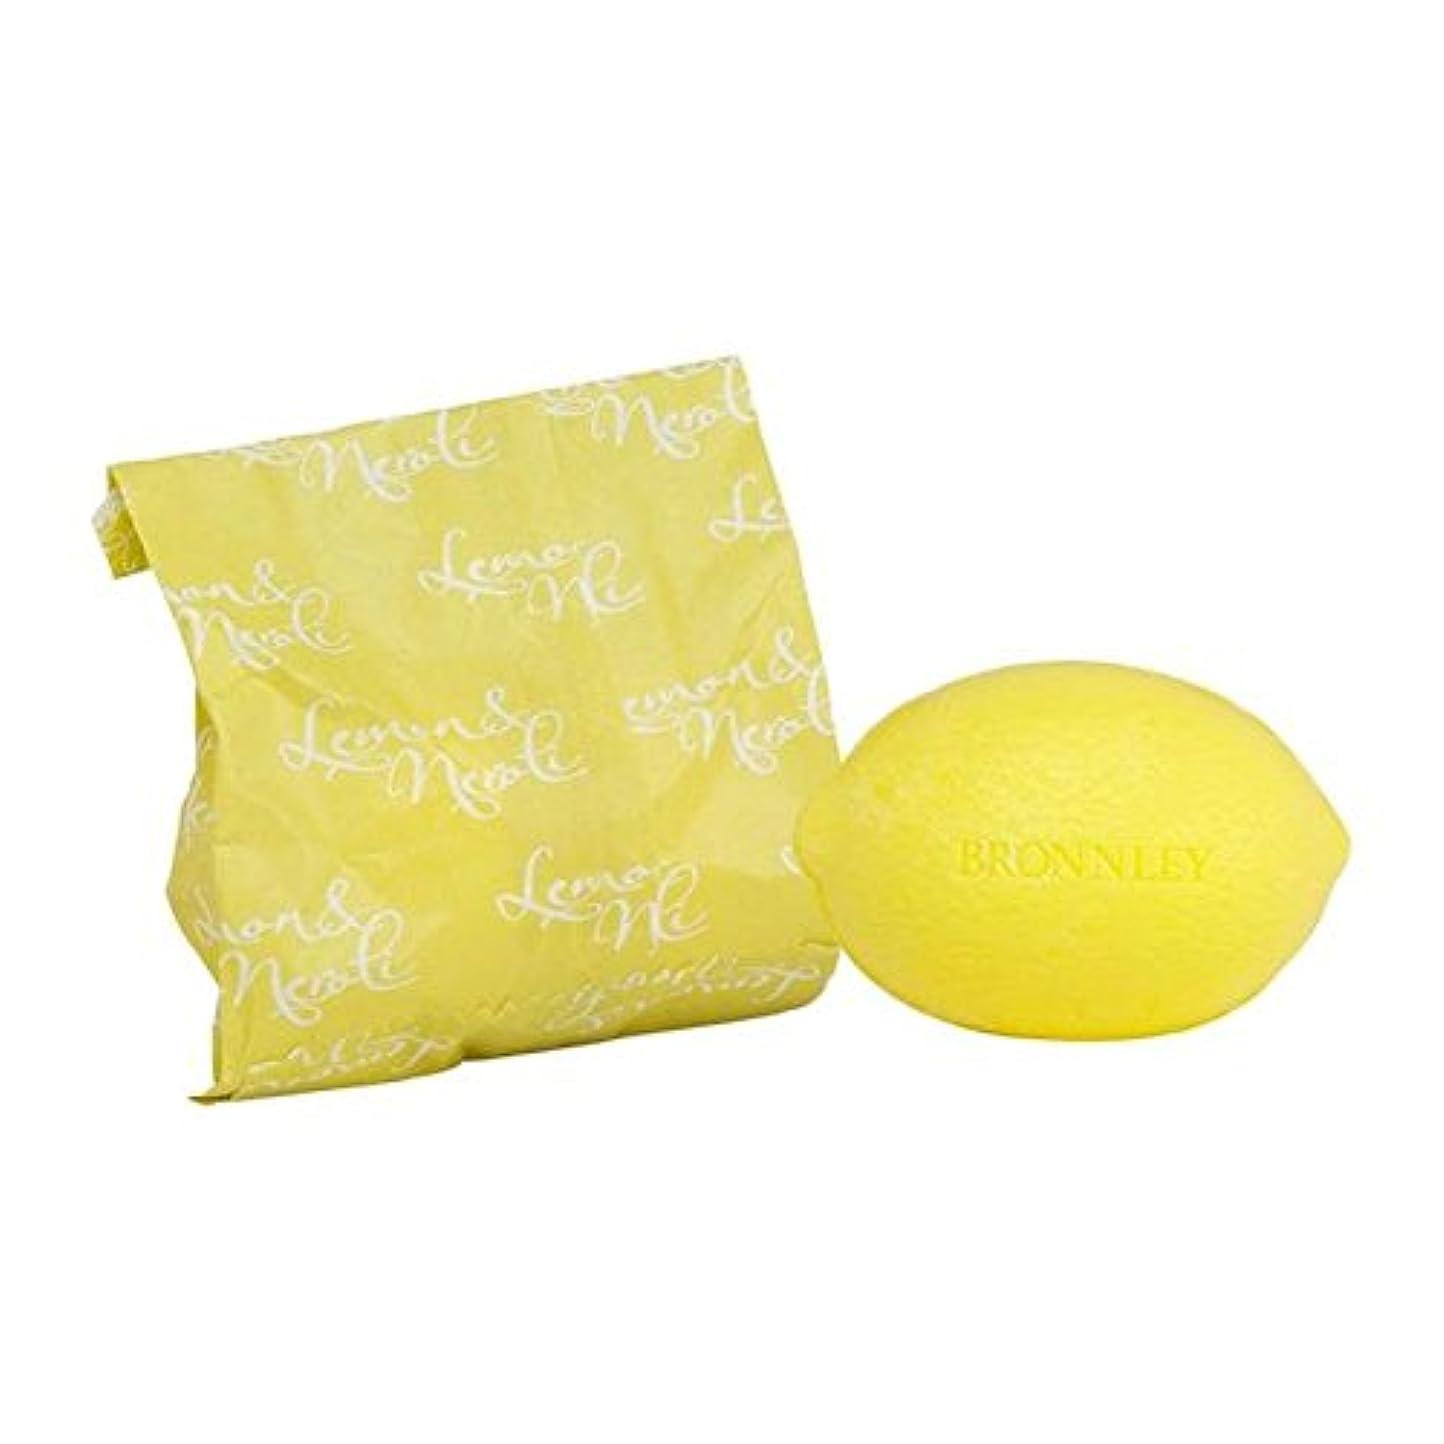 マイクロ空いている最大限レモン&ネロリ石鹸100グラム x4 - Bronnley Lemon & Neroli Soap 100g (Pack of 4) [並行輸入品]